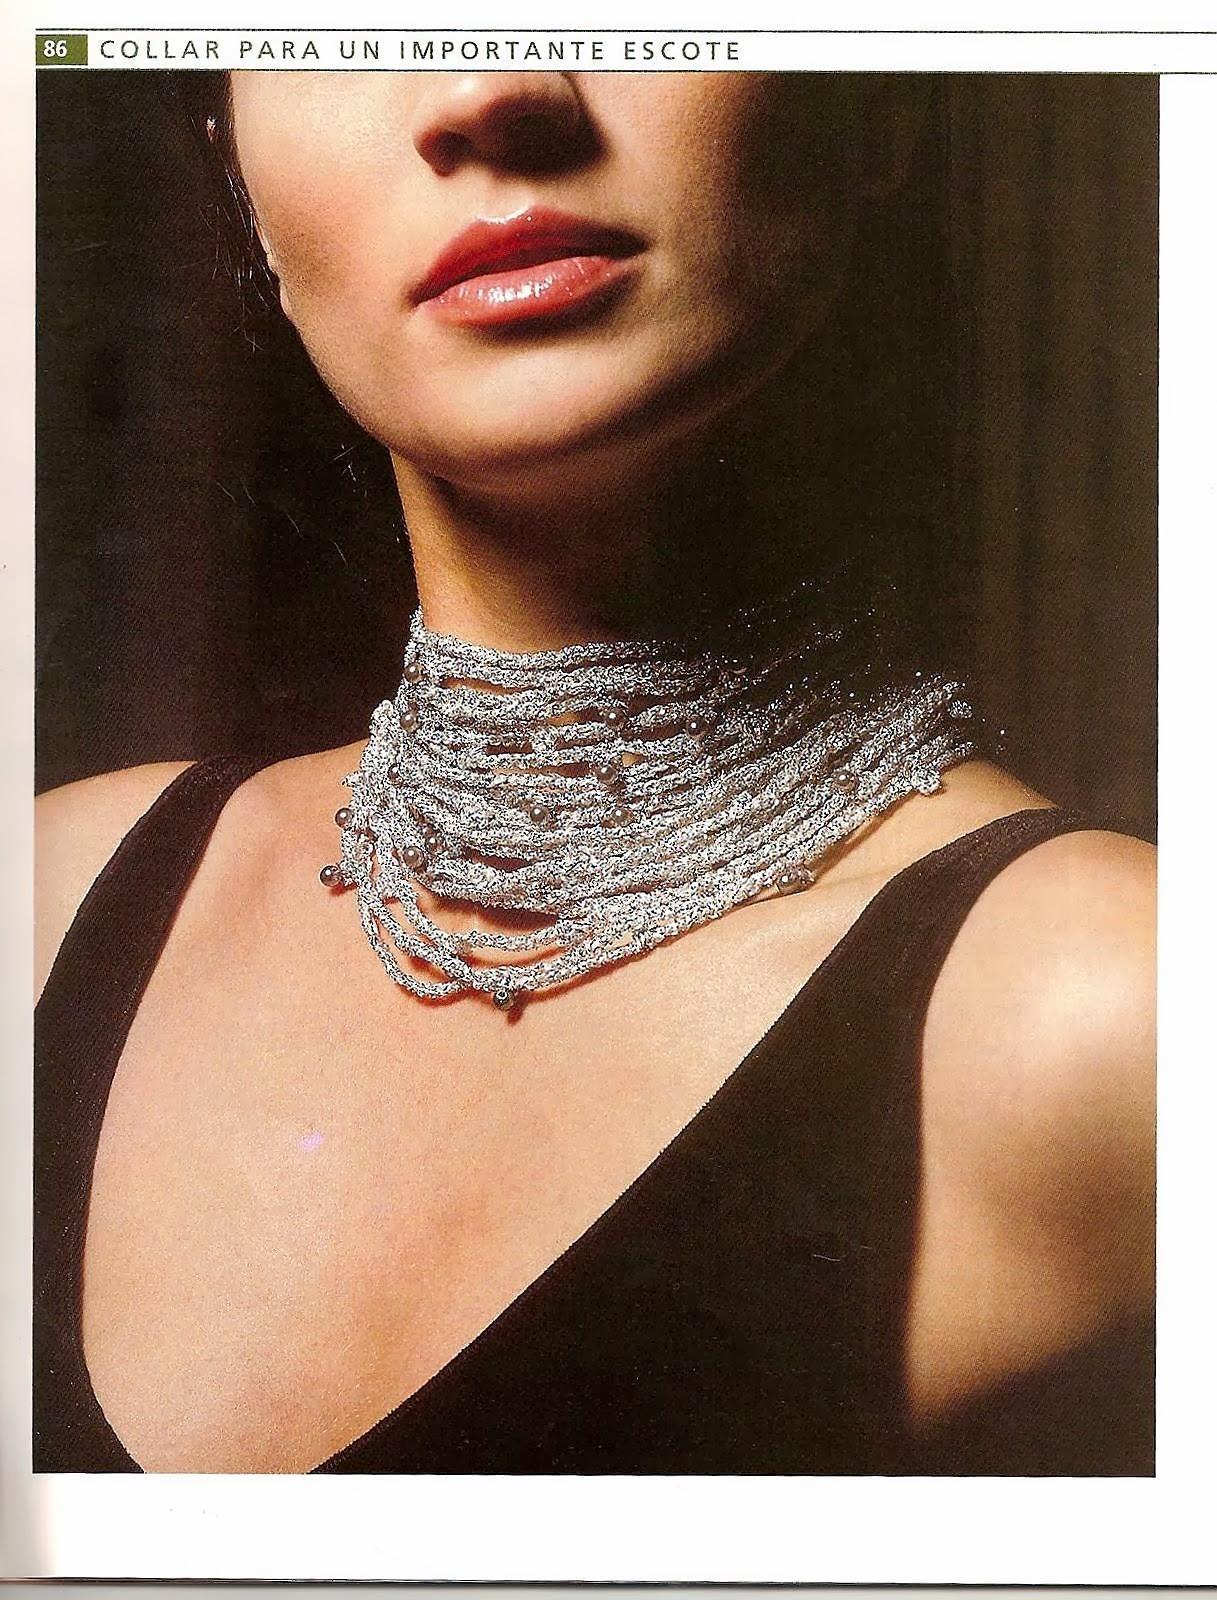 Collar Cadenetas y Perlas Instrucciones